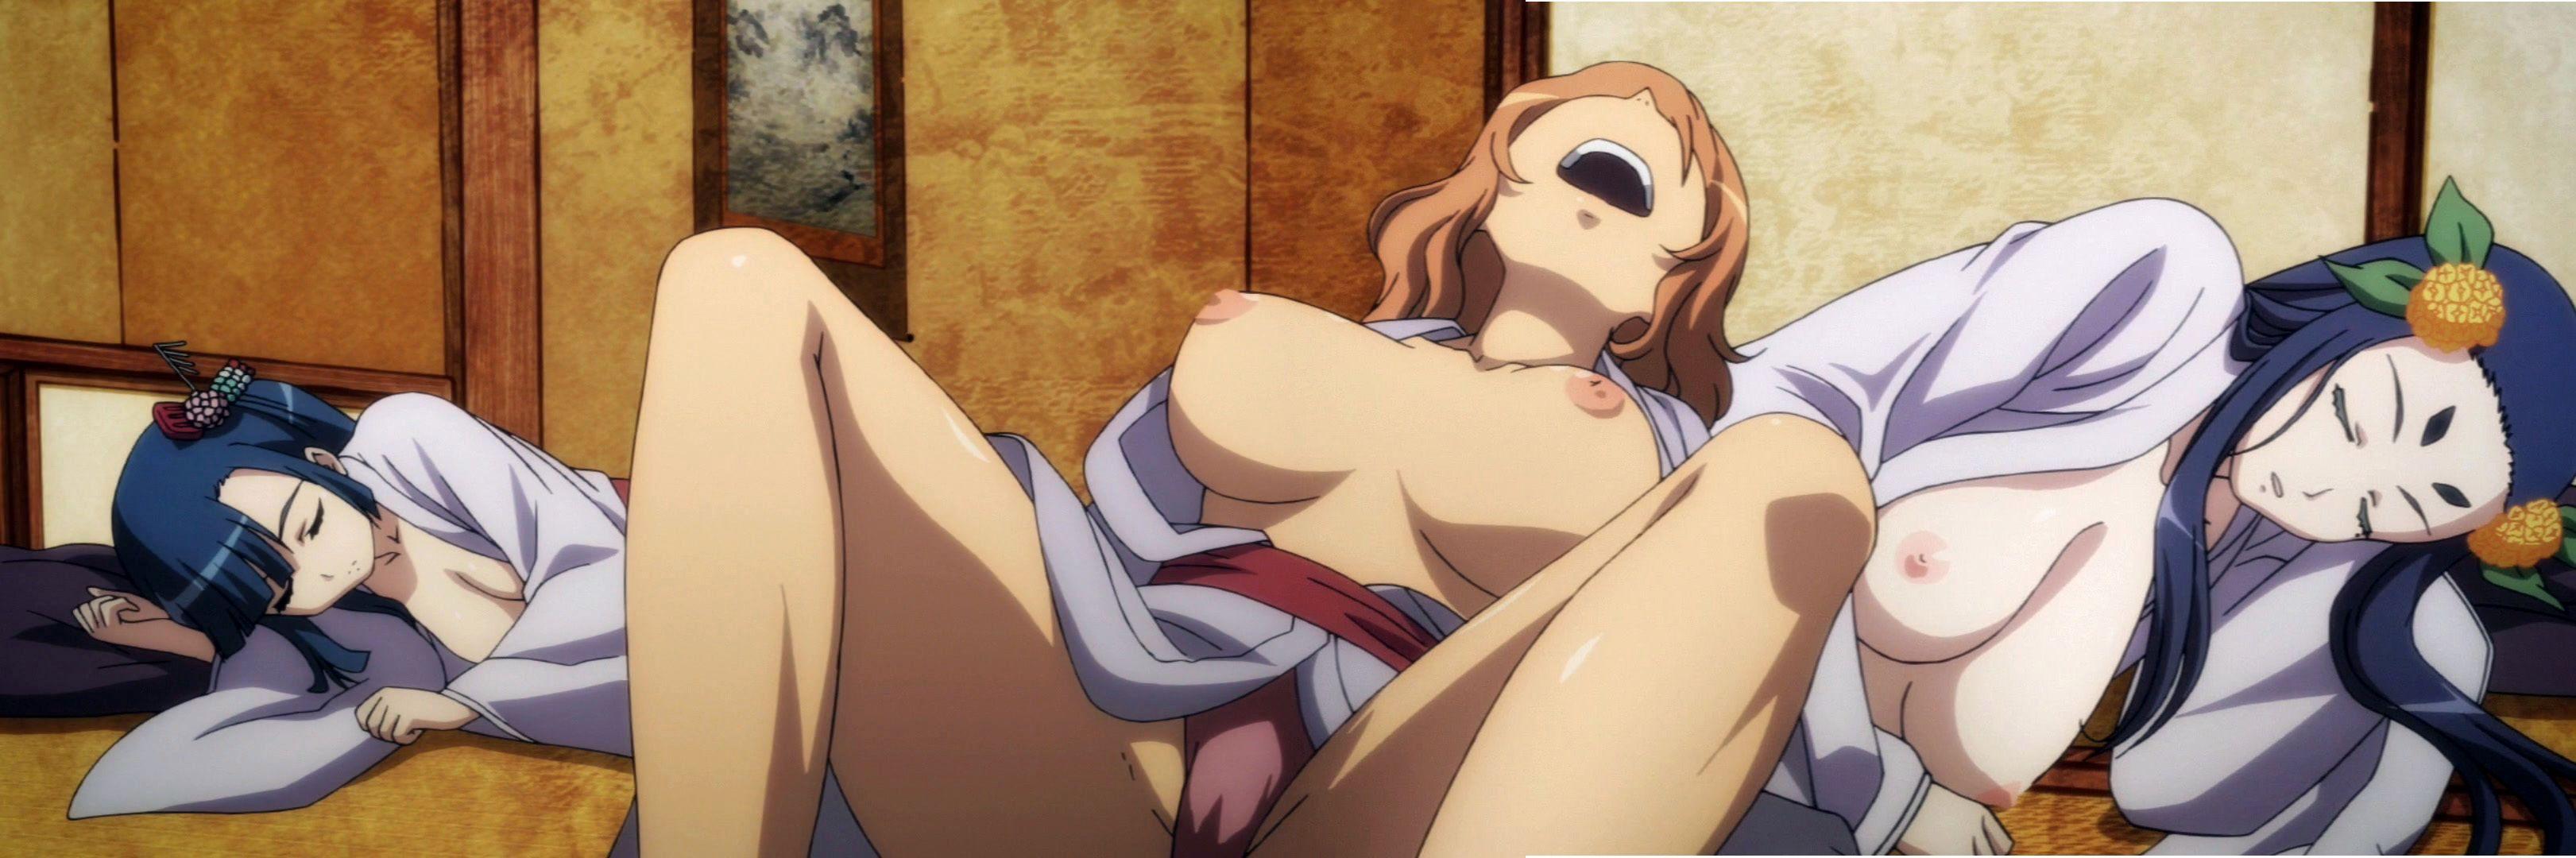 Samurai girl porn photos sexy naughty angel